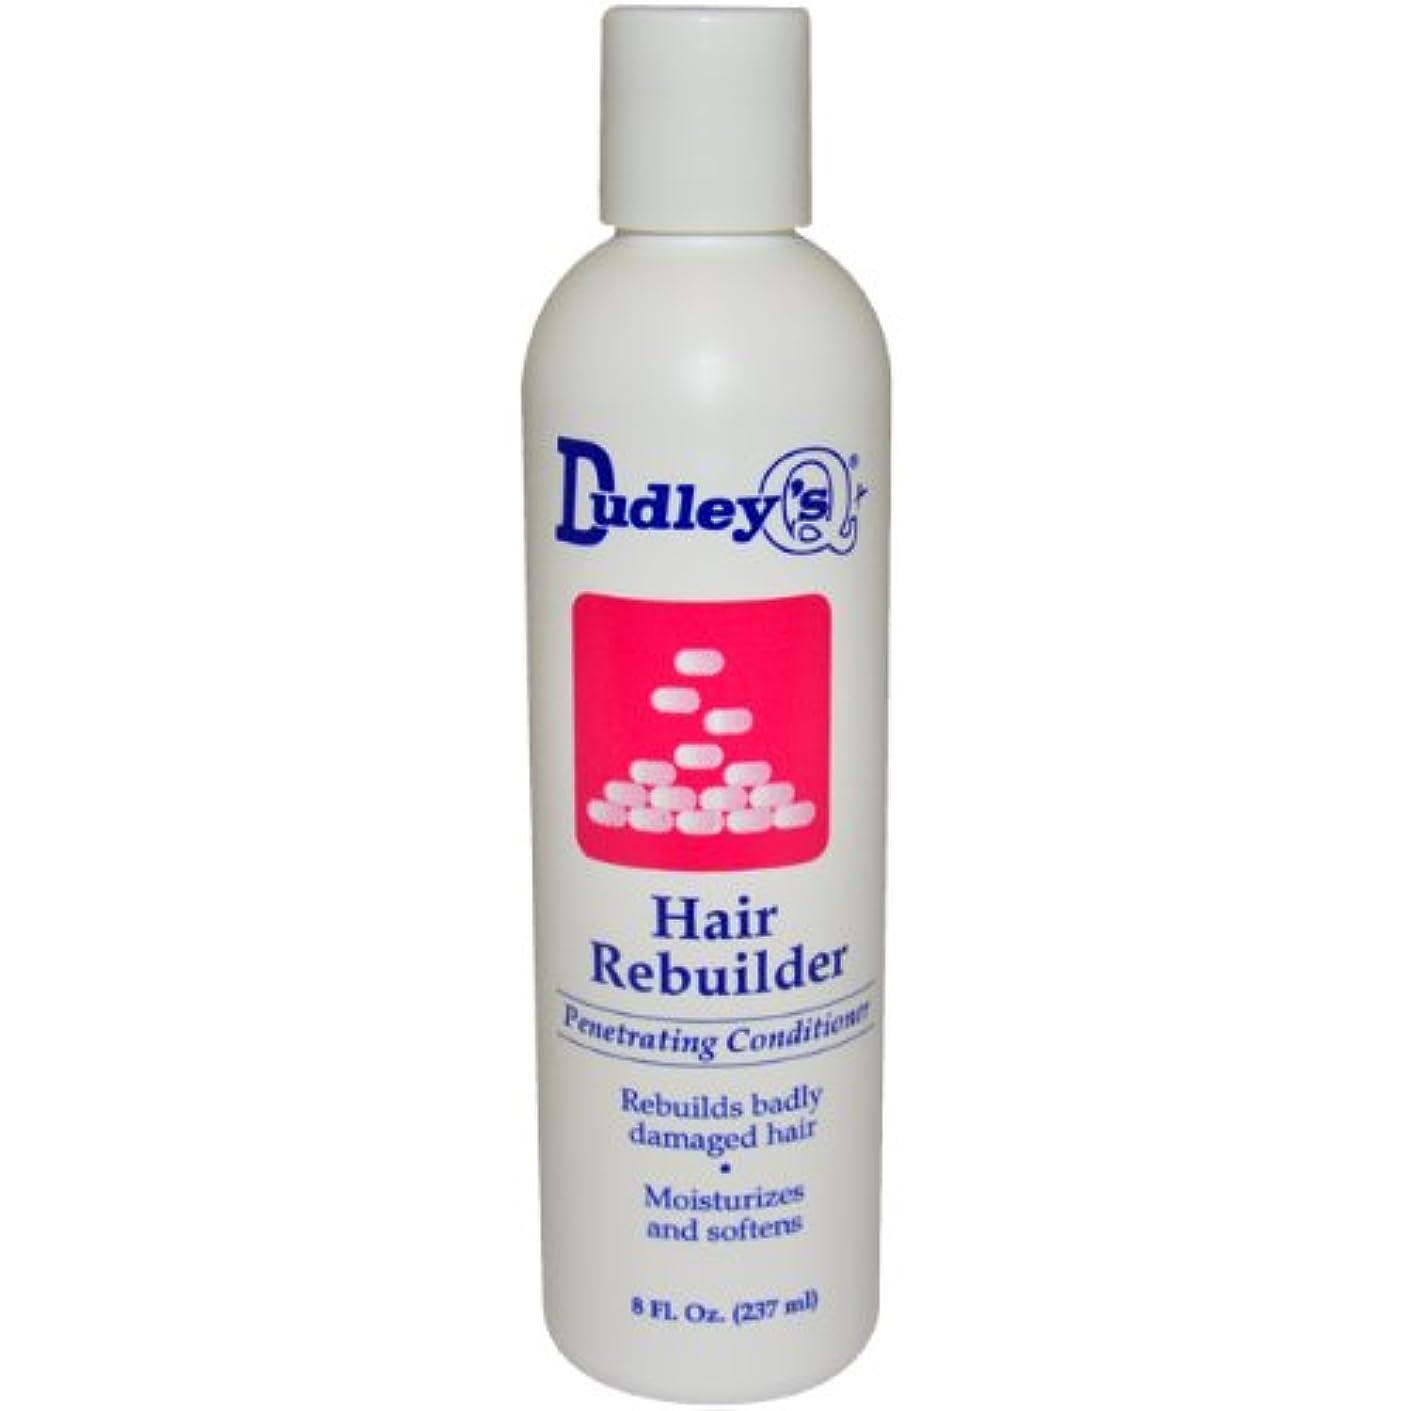 しないでください推進力春Dudley's 髪の再建浸透性ユニセックスコンディショナー、8オンス 小さい 白